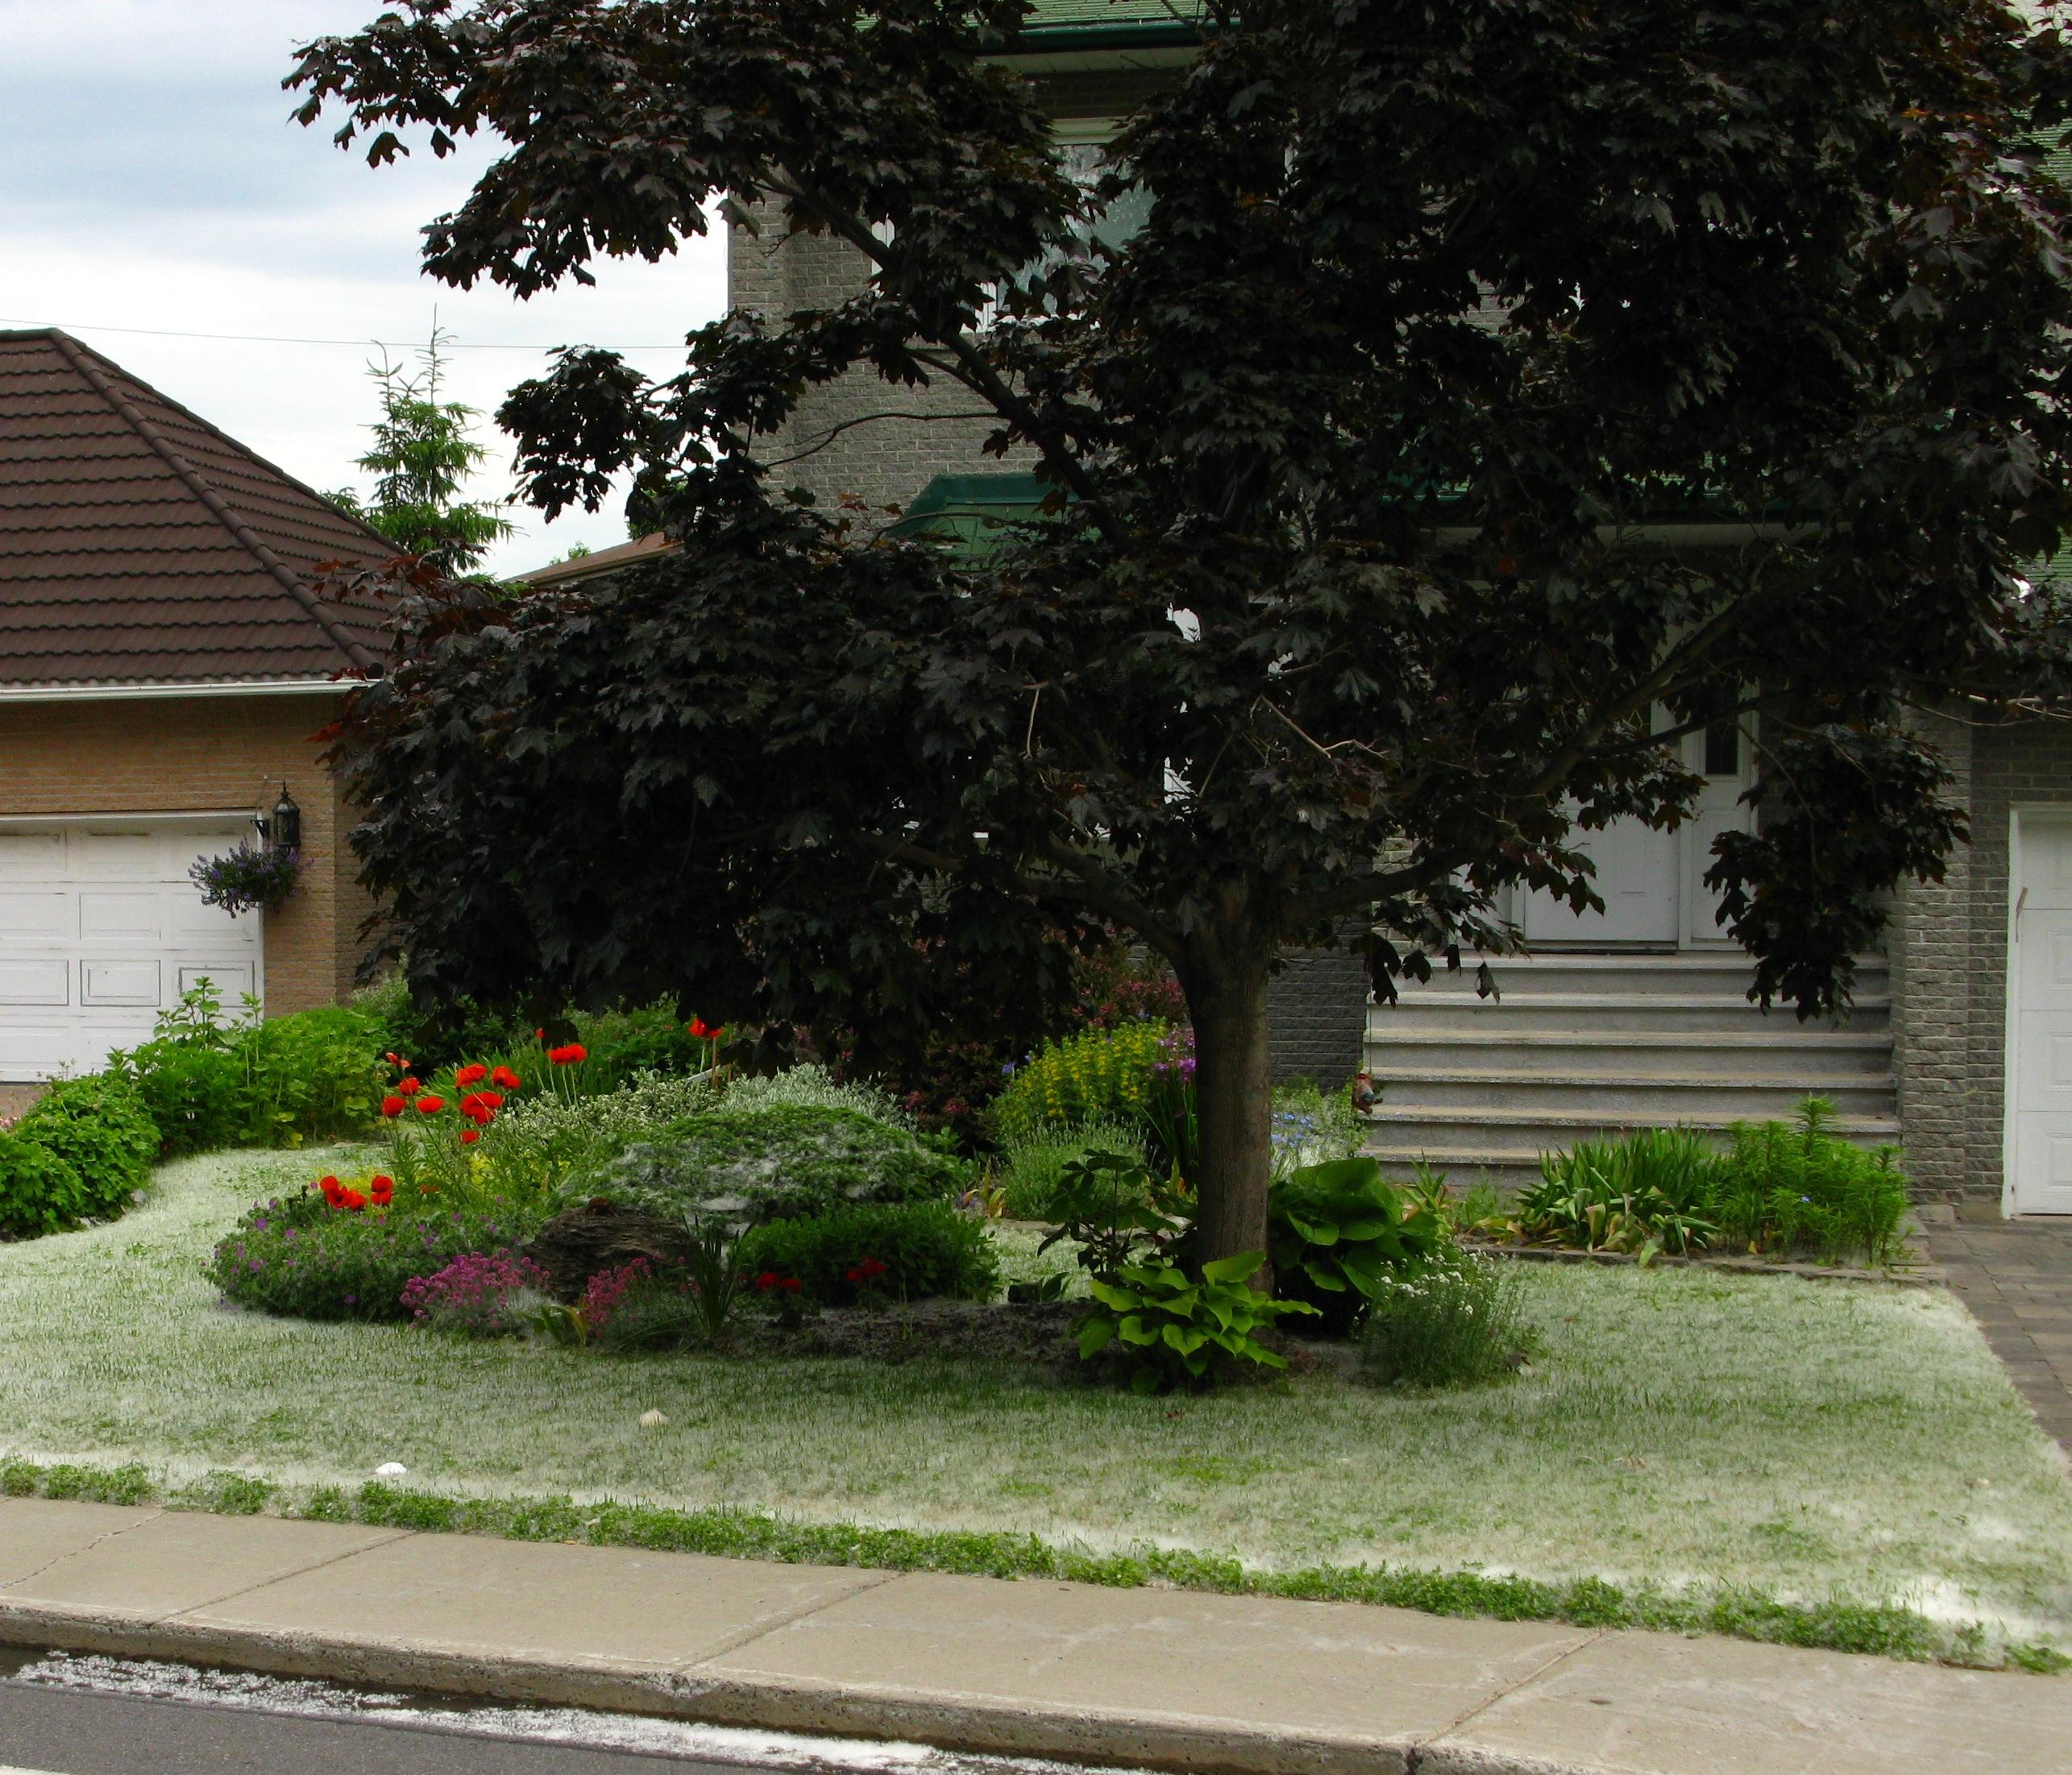 De la neige en juin du pollen qui tombe des arbres for Planificateur jardin